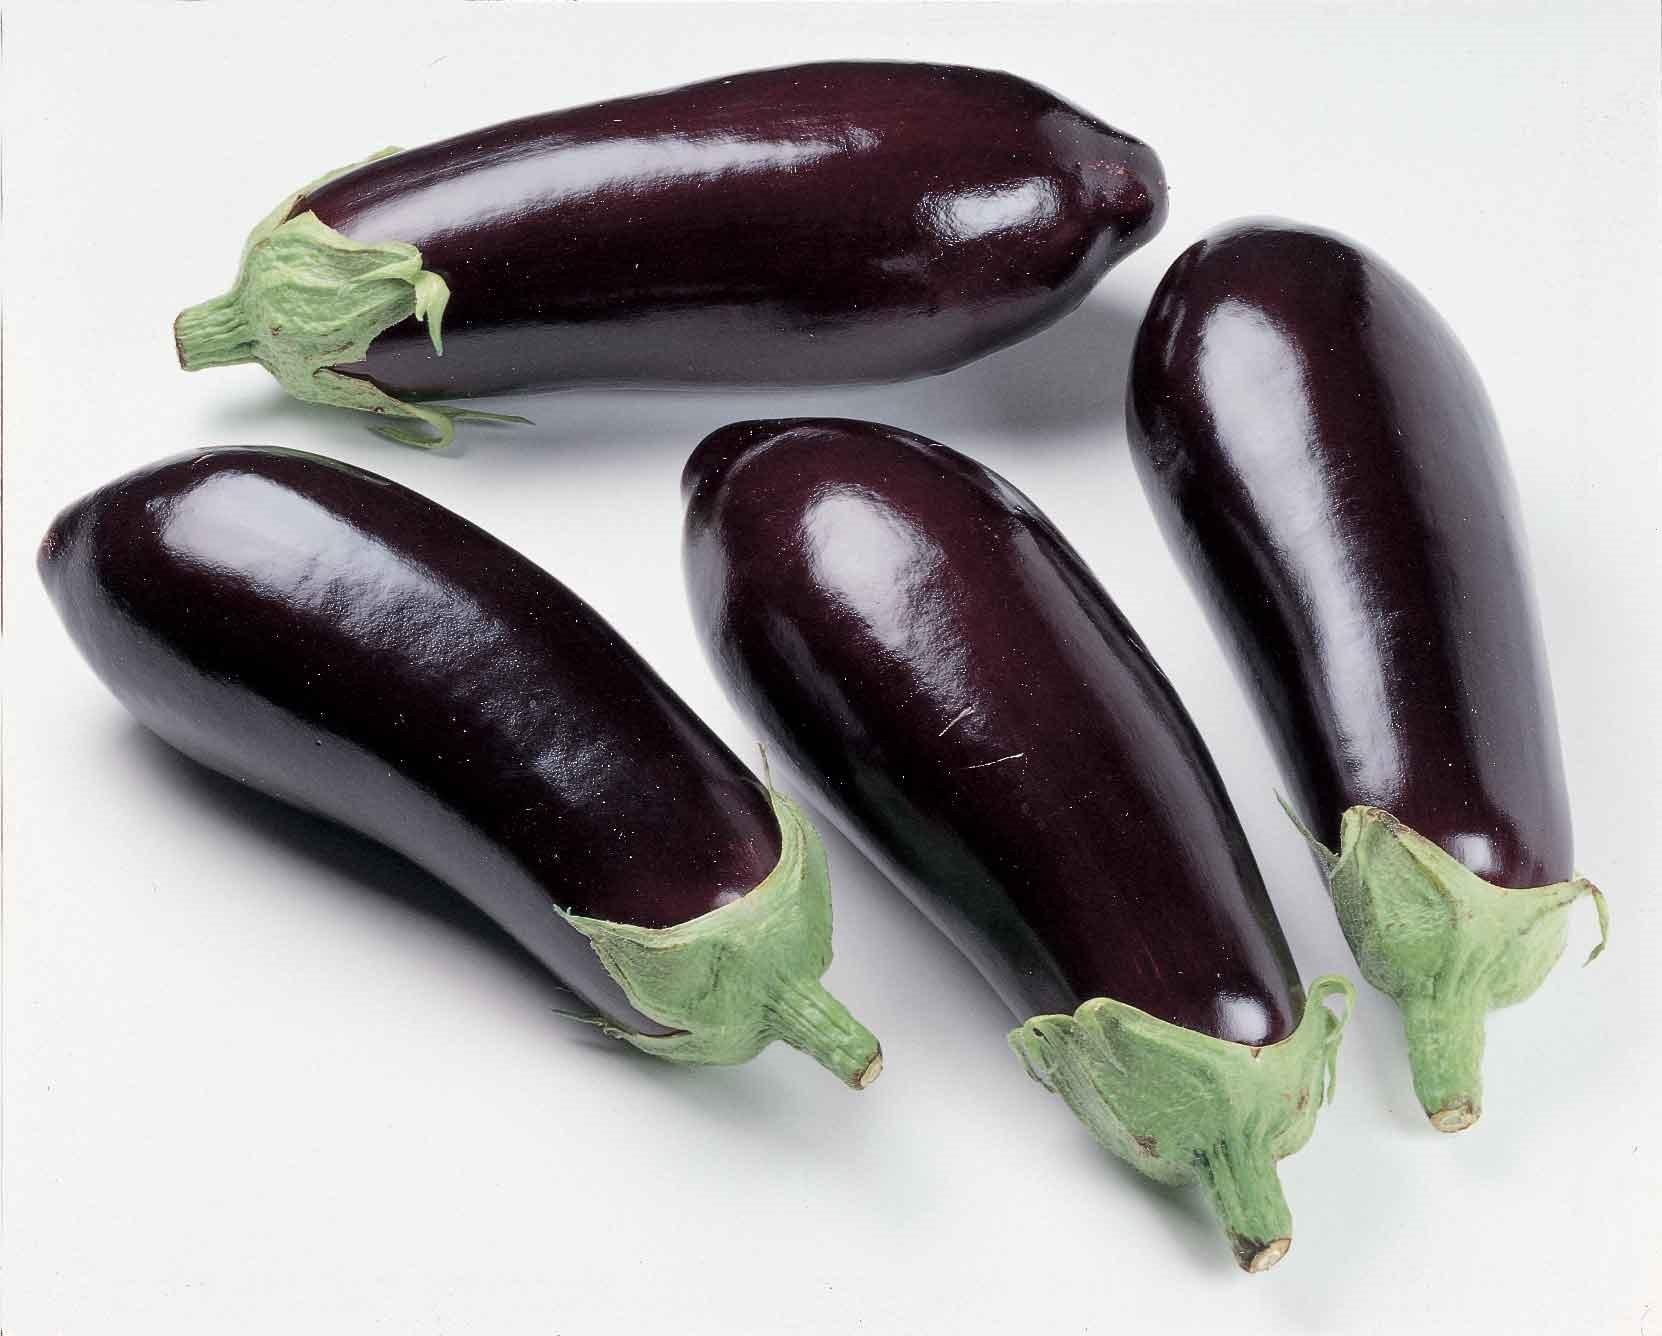 ăn rau củ gì giảm béo nhanh nhất - cà tím